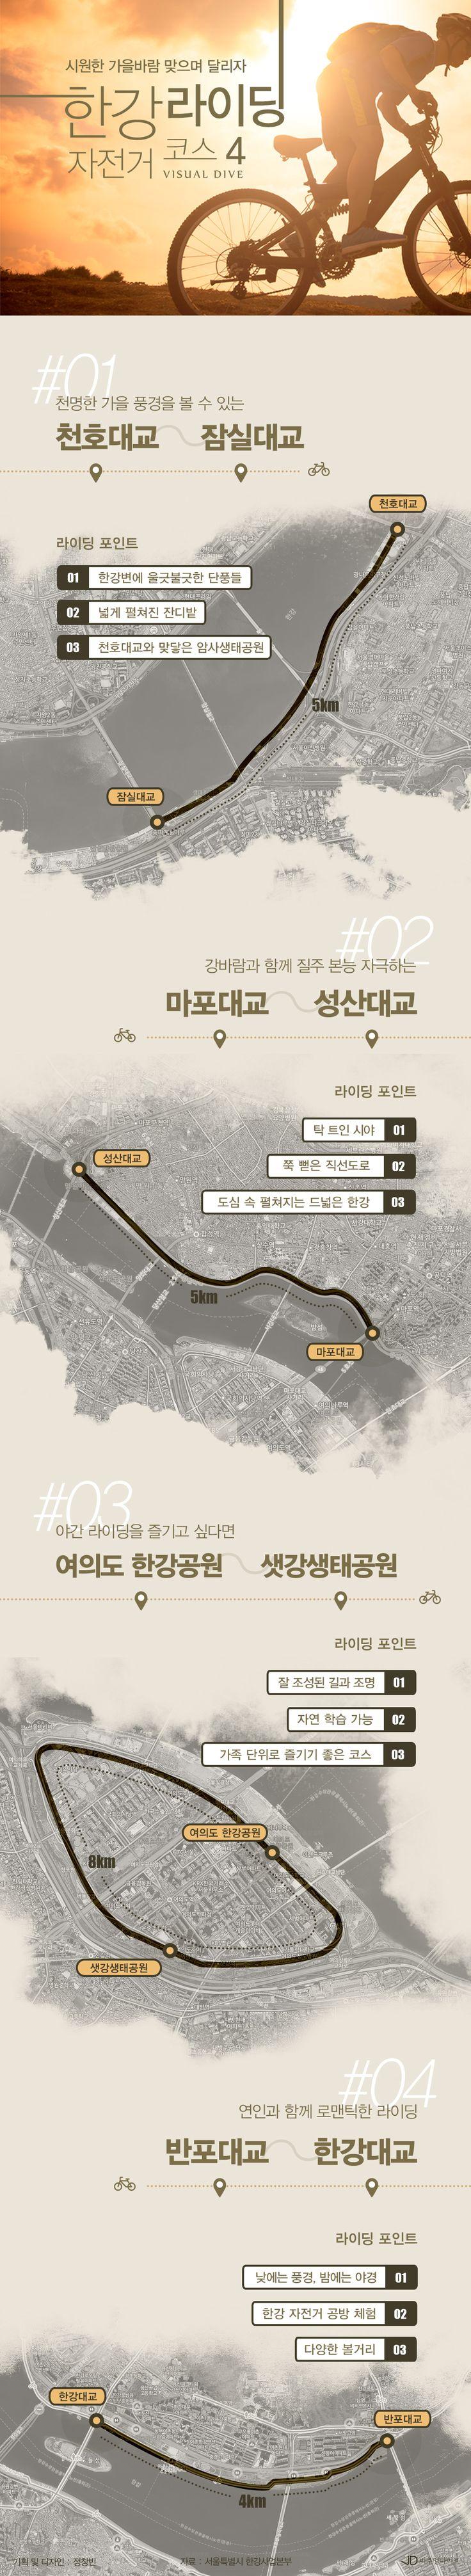 """""""시원한 가을바람 맞으며 달리자!"""" 한강 라이딩 자전거 코스 4 #hangang_riding / #cardnews ⓒ 비주얼다이브 무단 복사·전재·재배포 금지"""